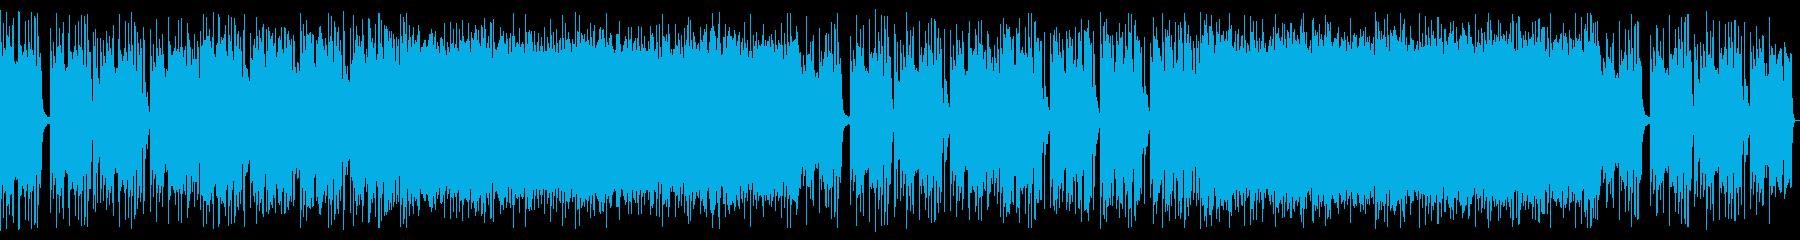 重厚感のあるハードロック_No661_1の再生済みの波形